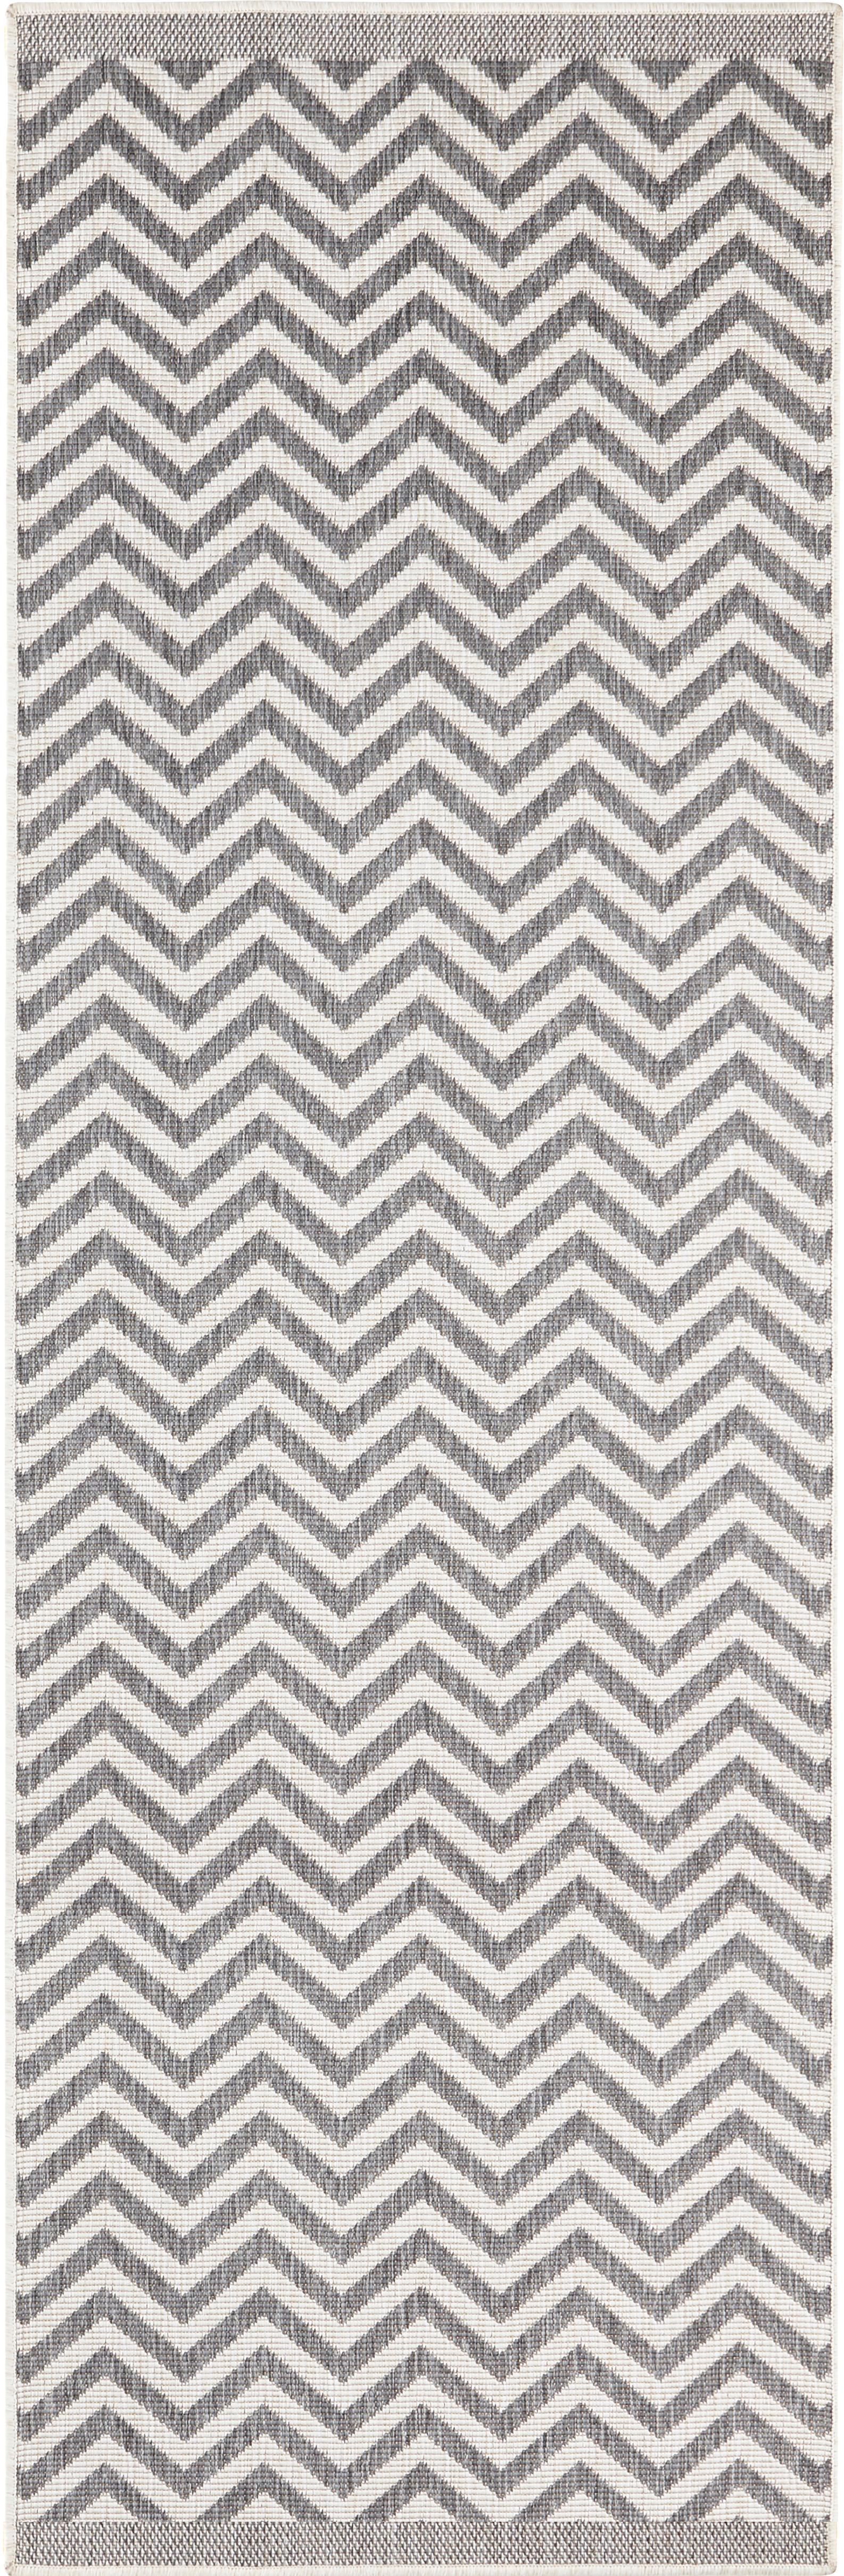 In- & Outdoor-Läufer Palma mit Zickzack-Muster, beidseitig verwendbar, Grau, Creme, 80 x 350 cm